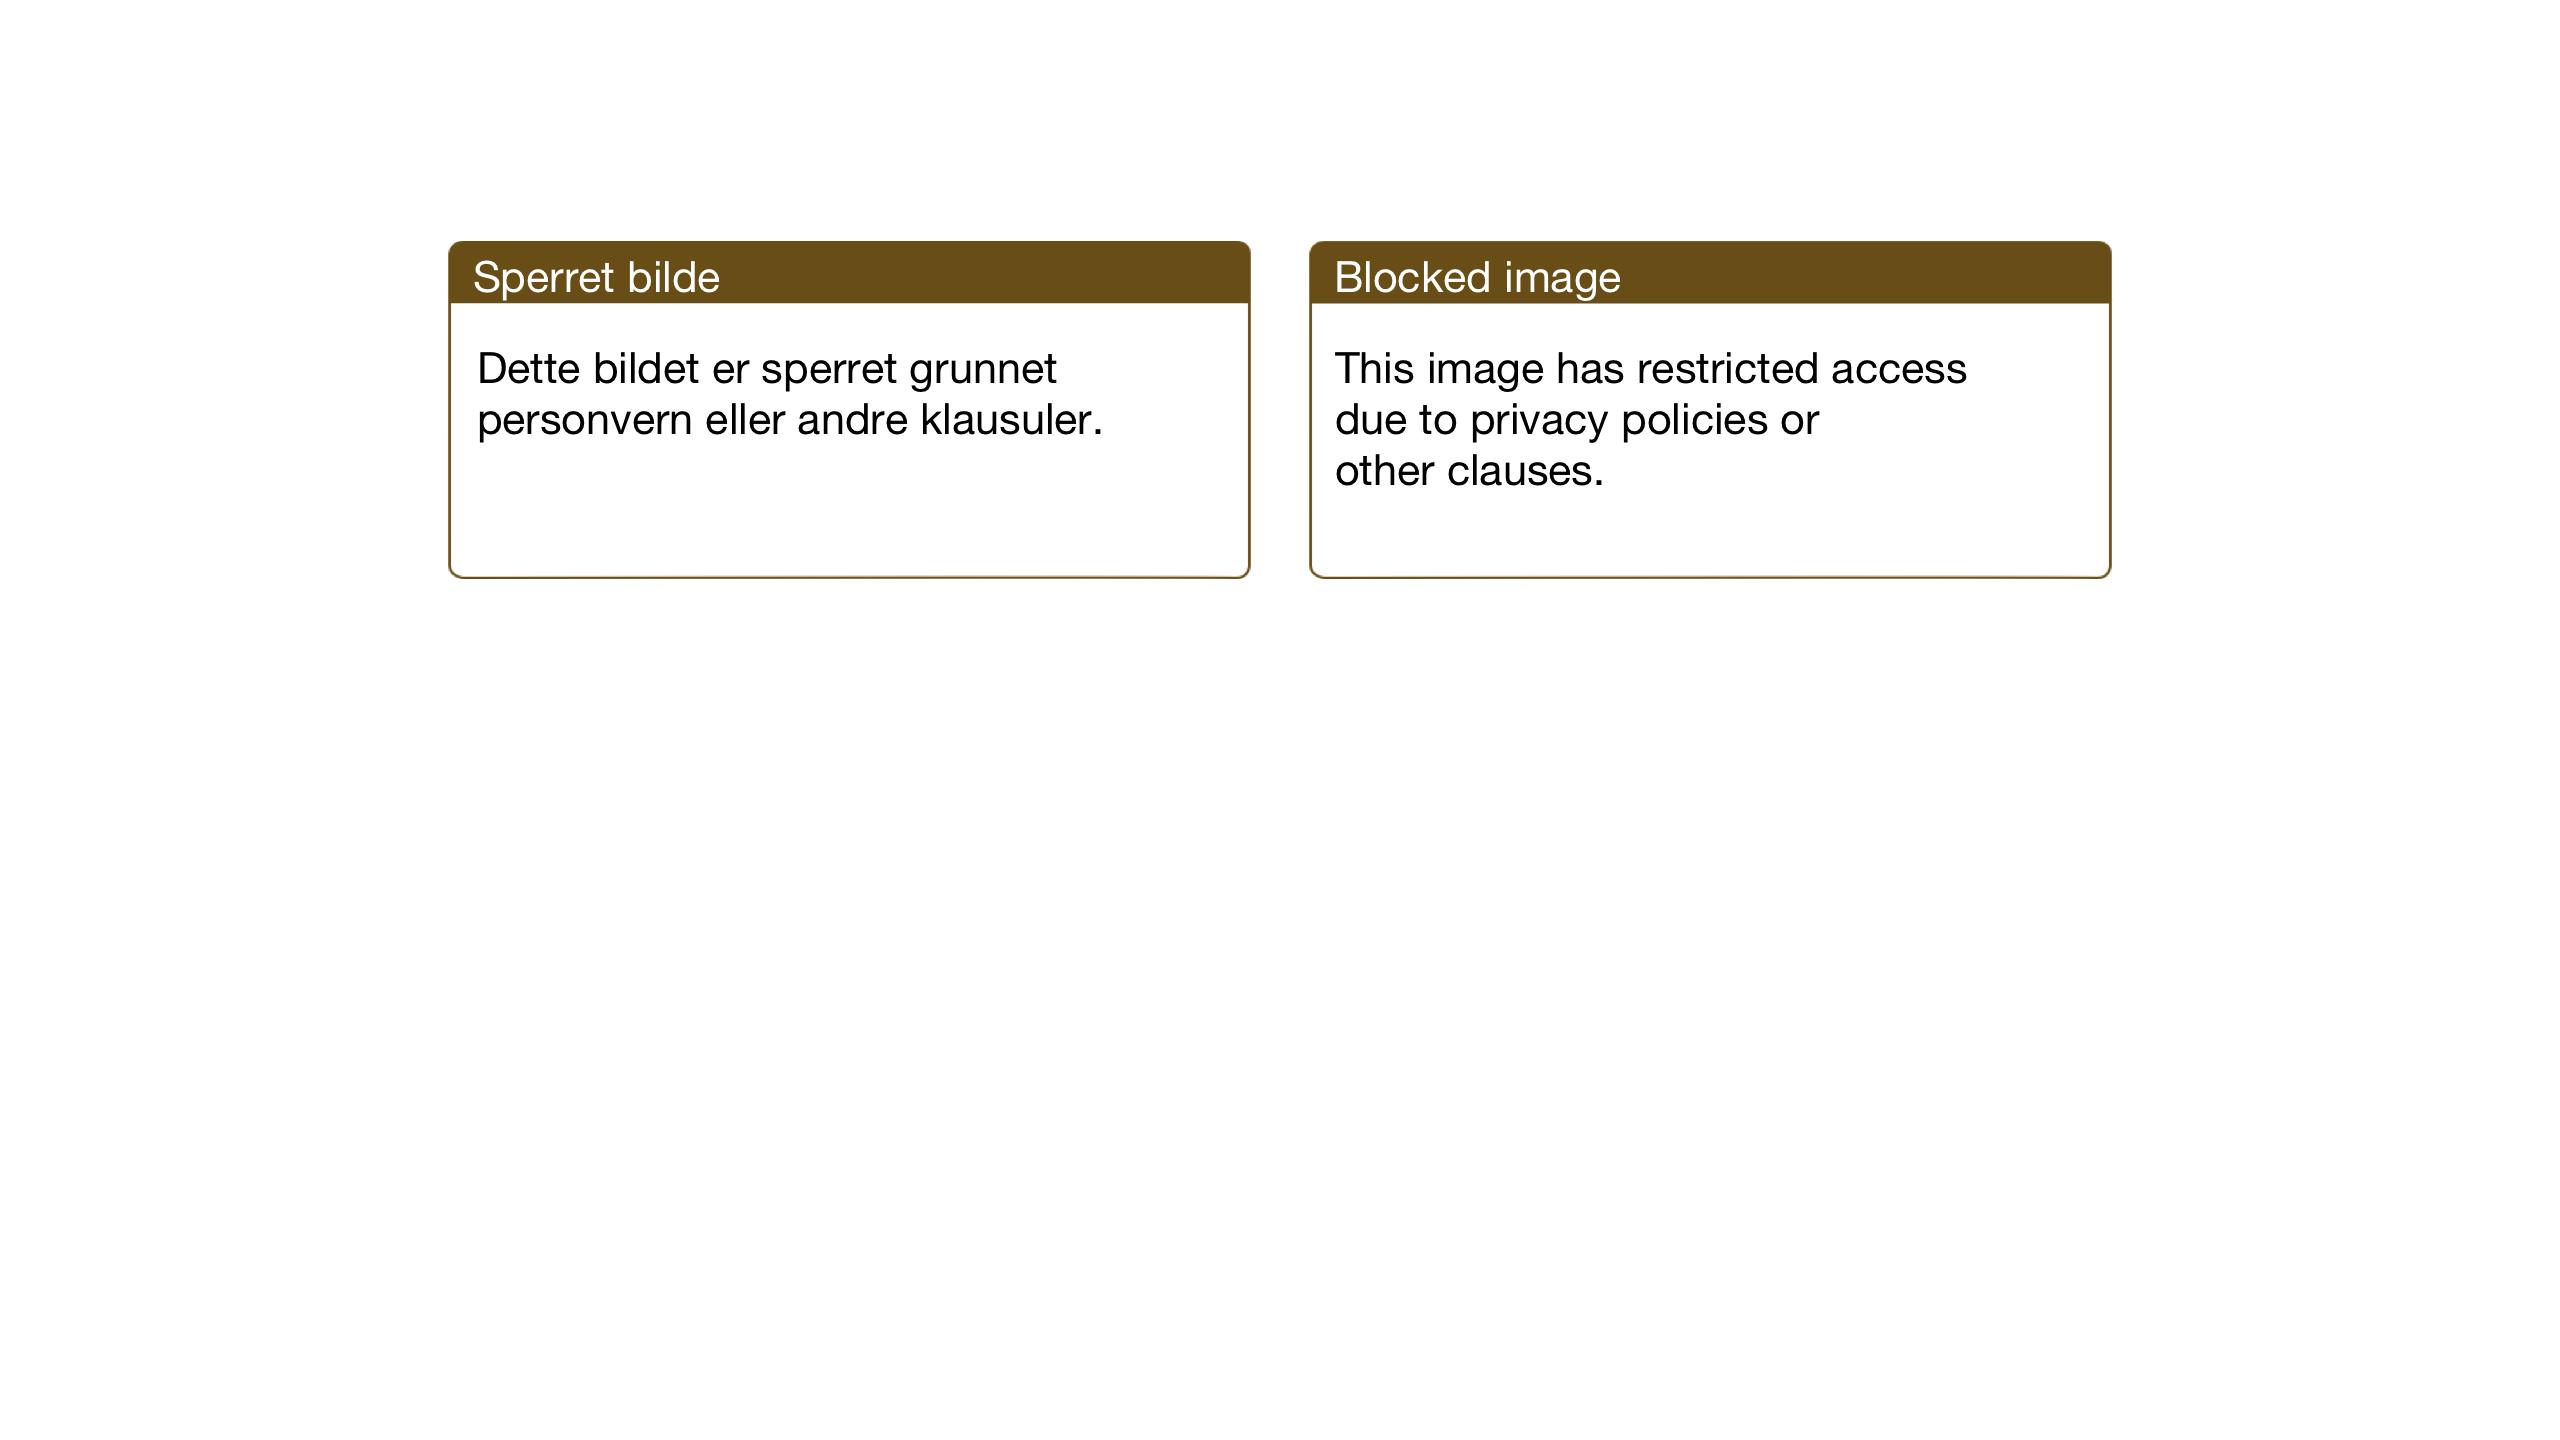 SAT, Ministerialprotokoller, klokkerbøker og fødselsregistre - Sør-Trøndelag, 698/L1169: Klokkerbok nr. 698C06, 1930-1949, s. 49